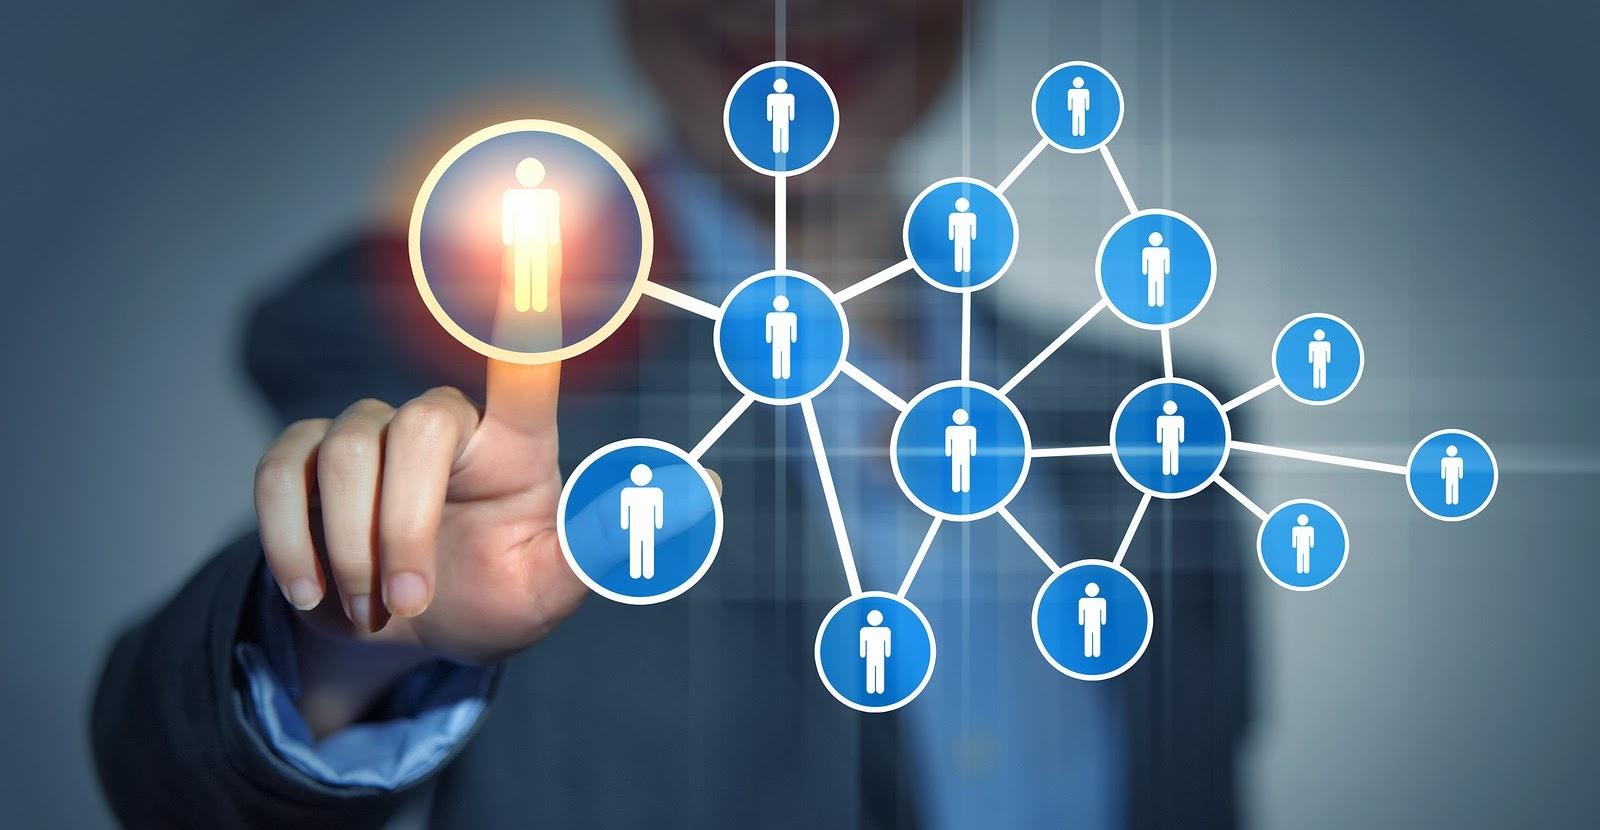 شبکه سازی در مدیریت